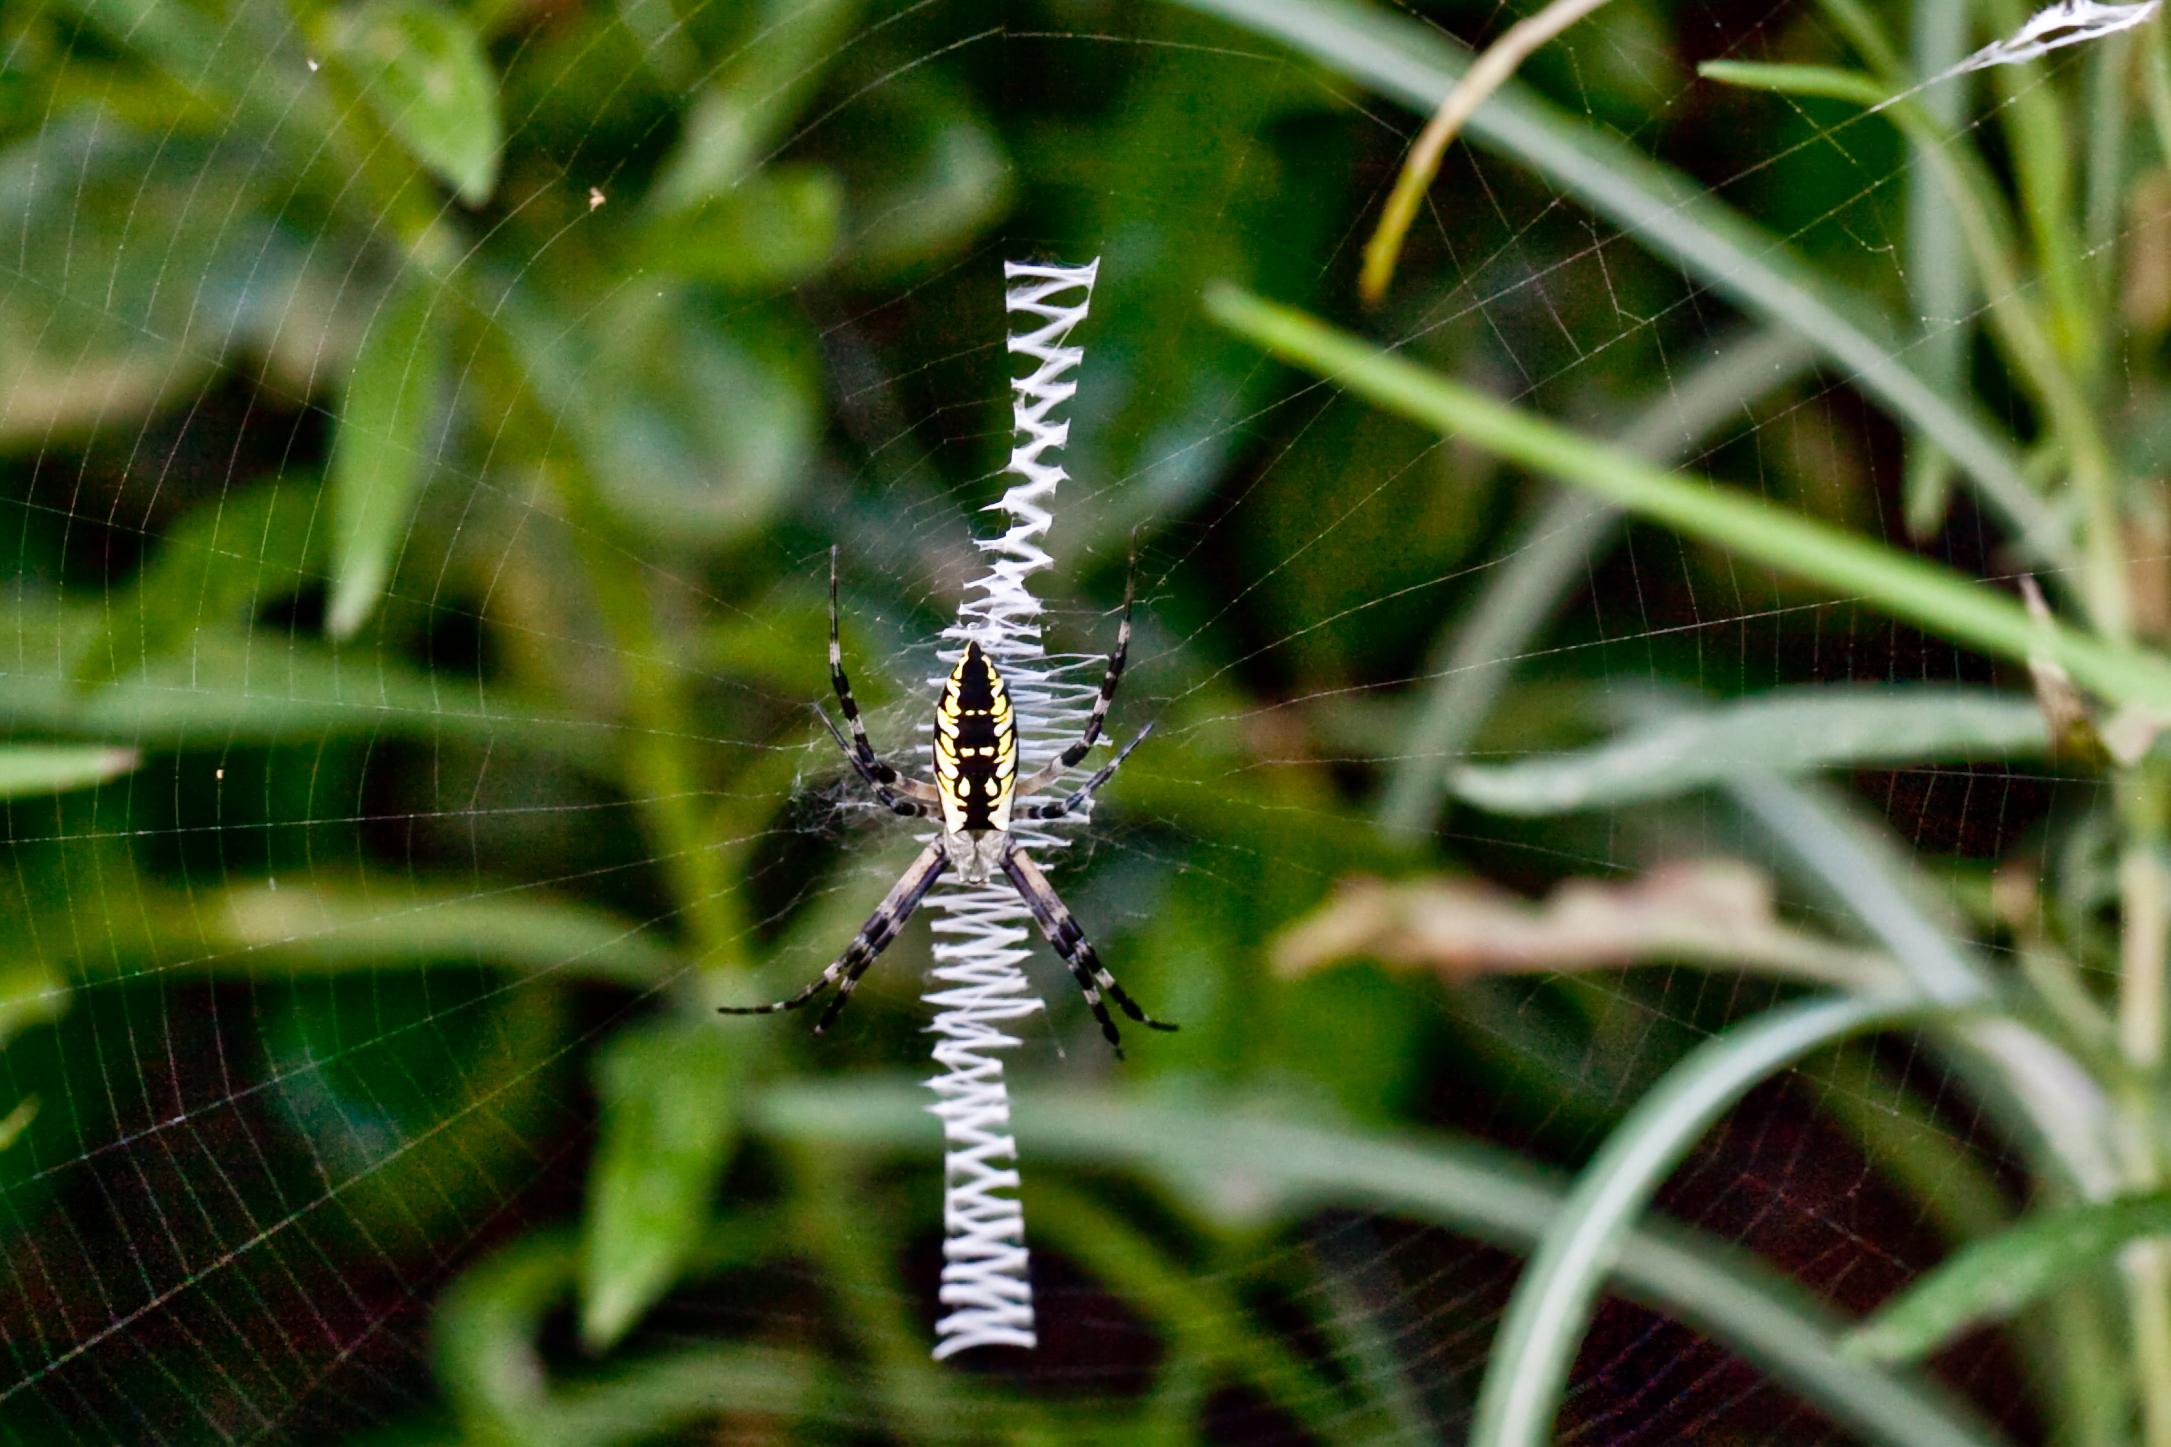 """""""Zigzag spider"""" by Deisy Mendoza on  Wikipedia"""